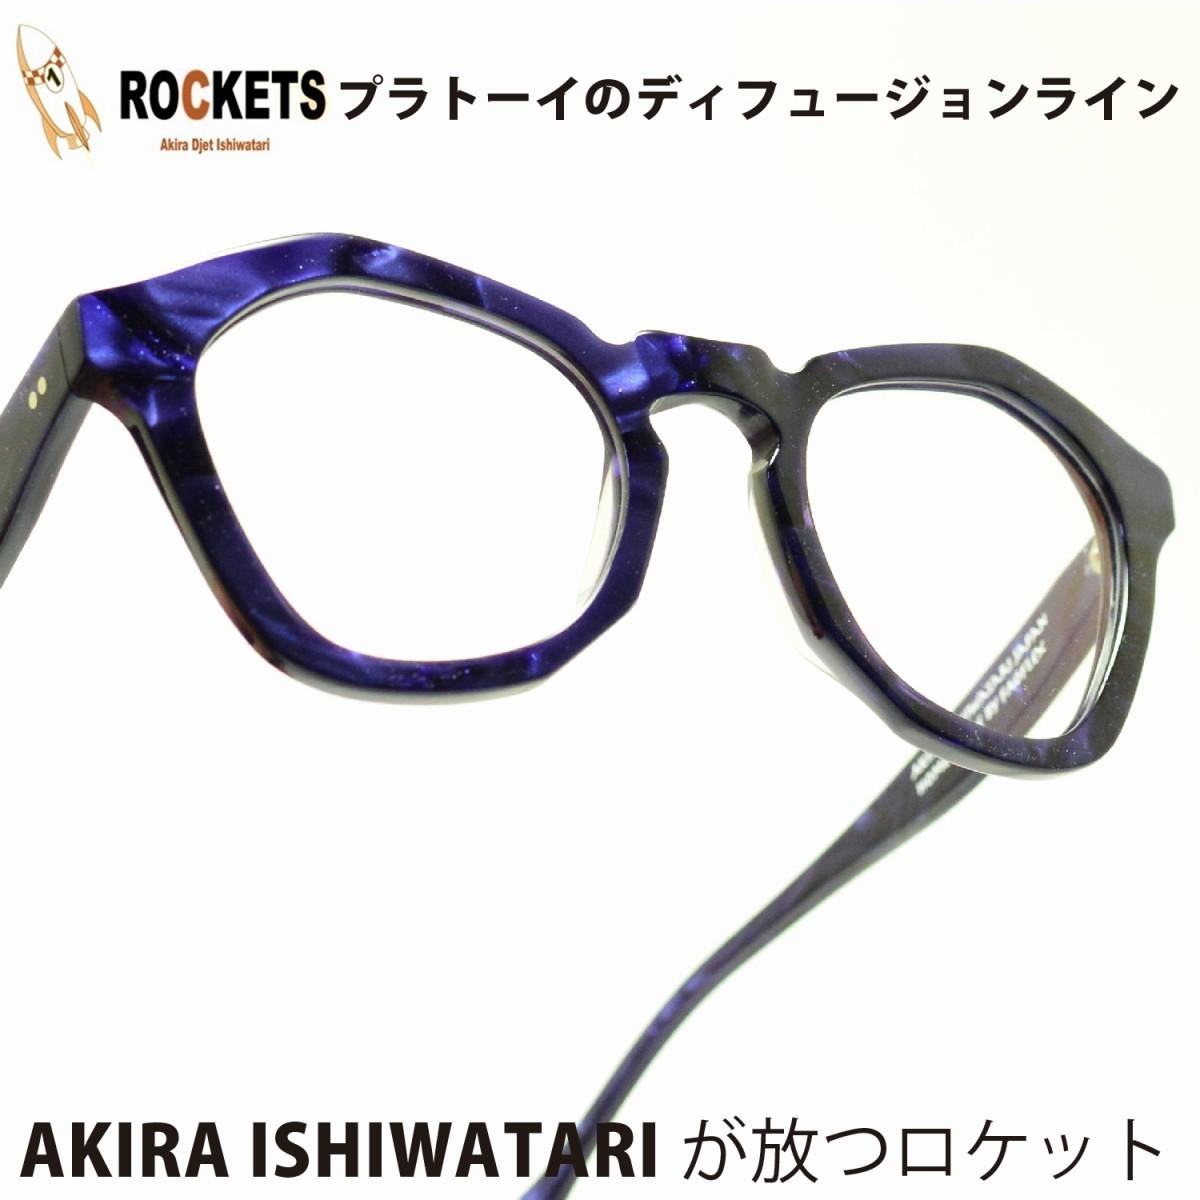 ROCKETS ABBY COL-LAKEメガネ 眼鏡 めがね メンズ レディース おしゃれ ブランド 人気 おすすめ フレーム 流行り 度付き レンズ